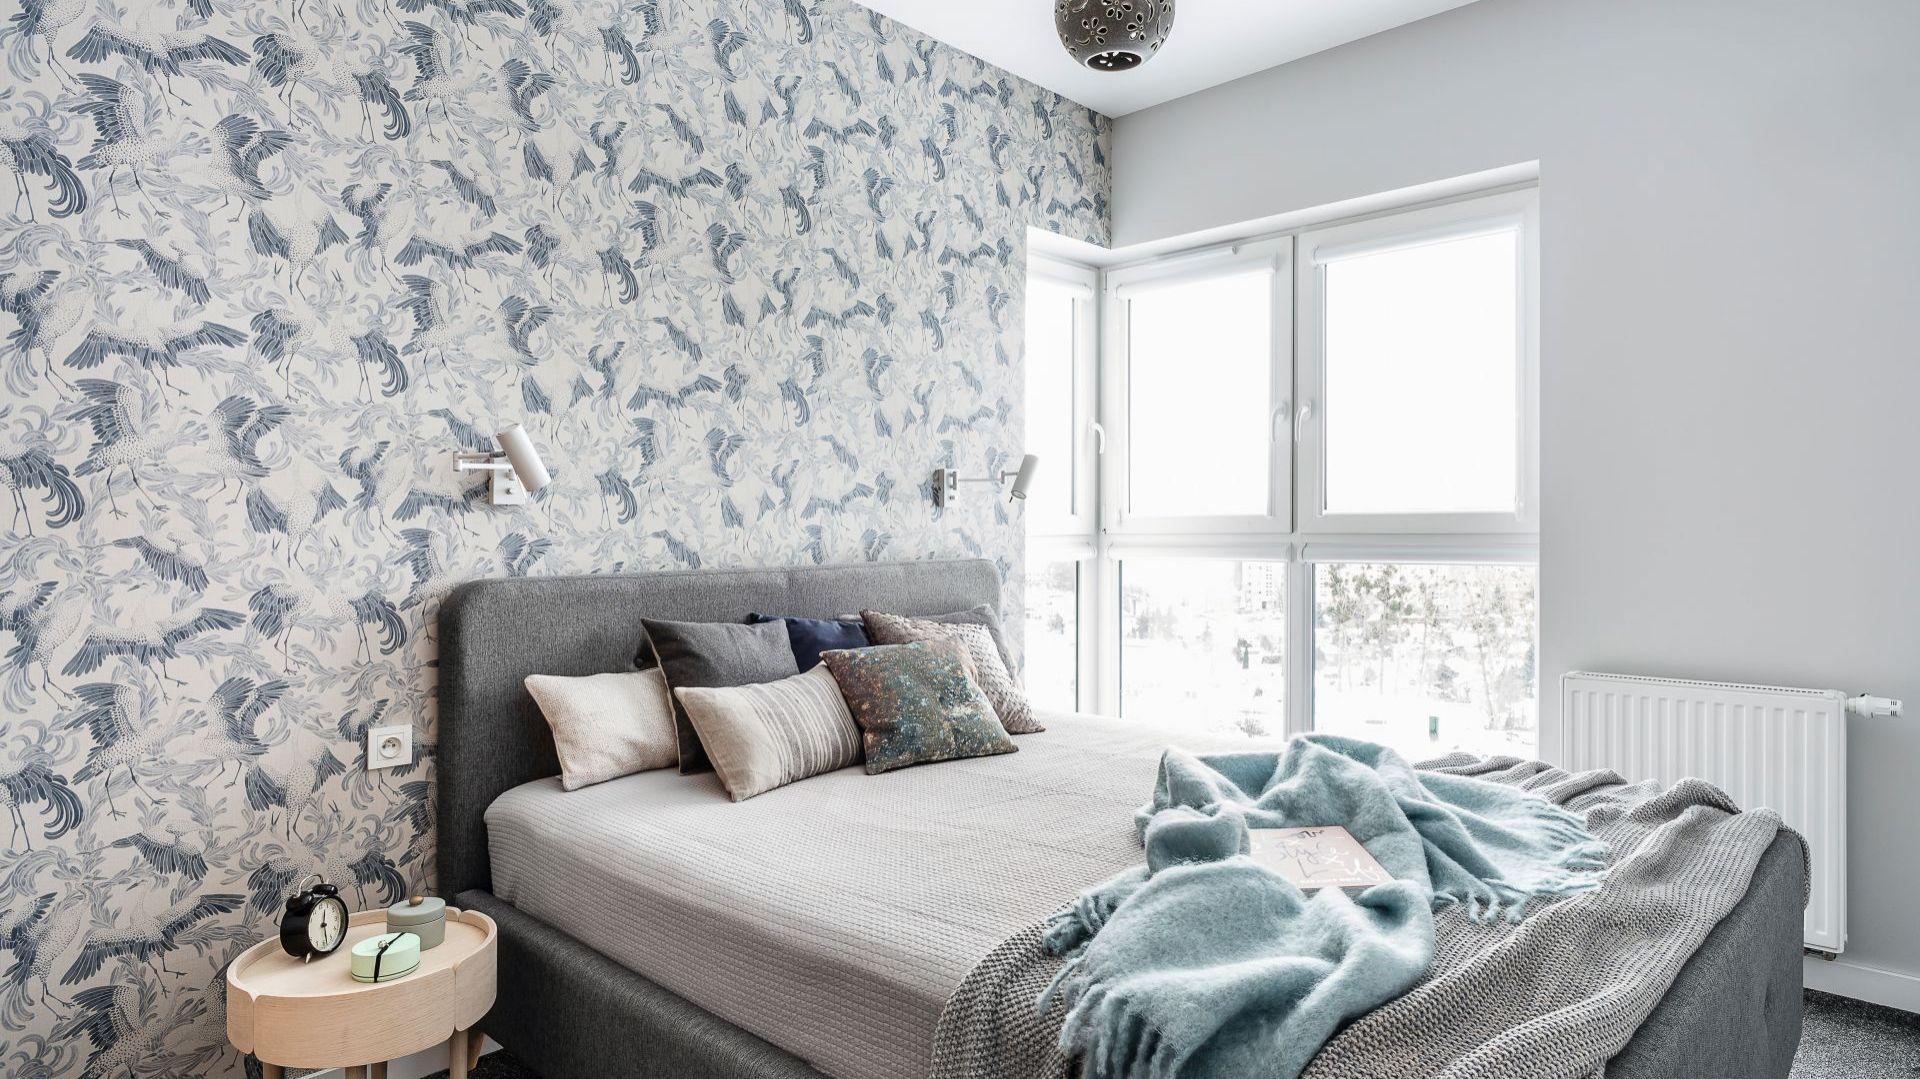 Pomysły na wykończenie ścian w w sypialni. Projekt: Magdalena Bielicka, Maria Zrzelska-Pawlak. Fot. FotoMohito